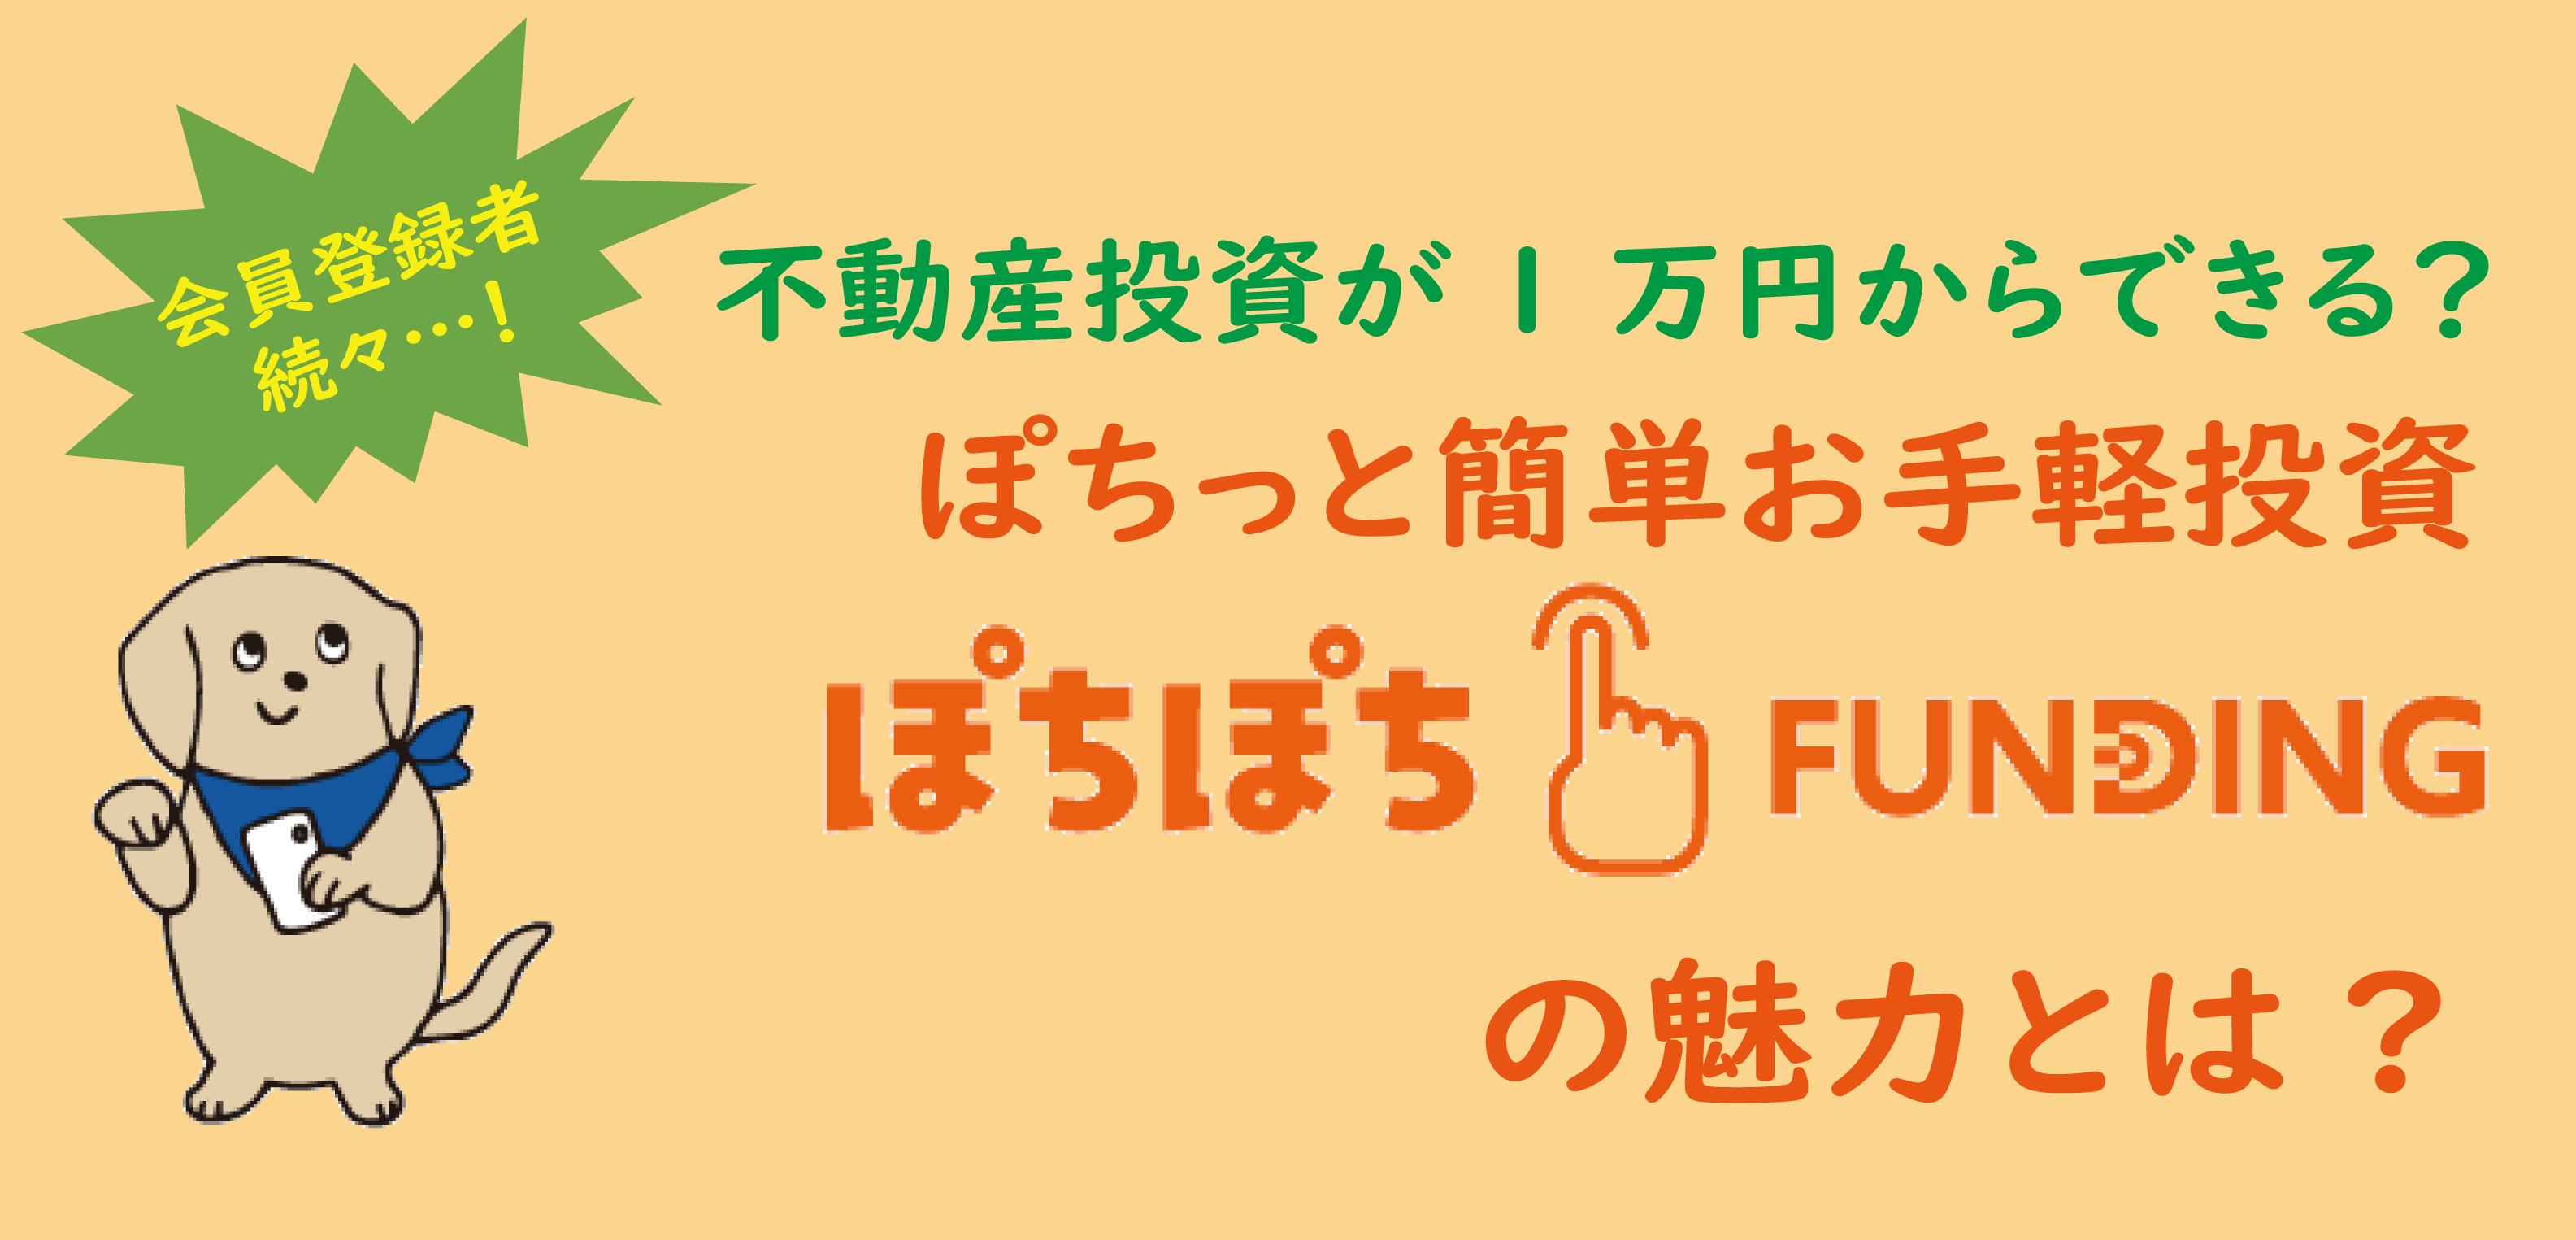 【オンラインセミナー】不動産投資が1万円からできる?ぽちっと簡単お手軽投資「ぽちぽちFUNDING」の魅力とは?